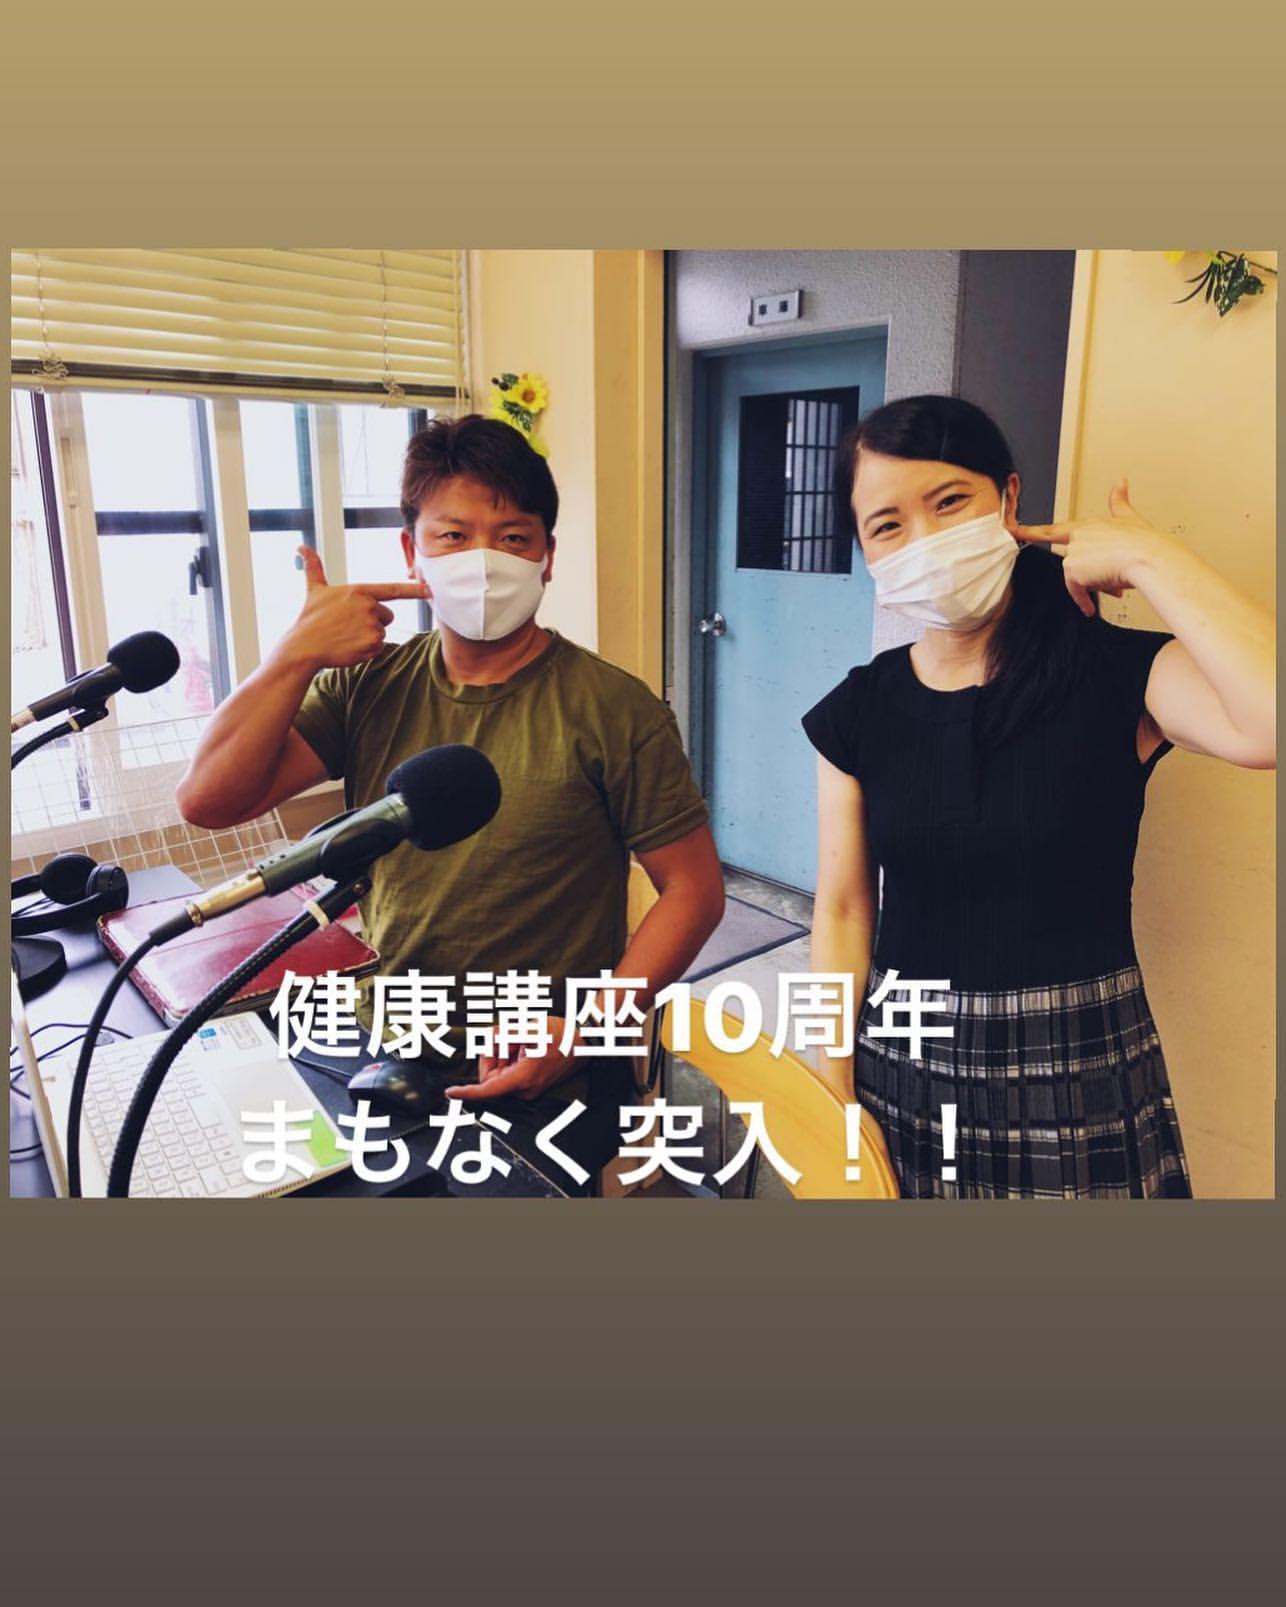 まもなく10周年!【鎌倉FM/顎関節/環軸関節亜脱臼】